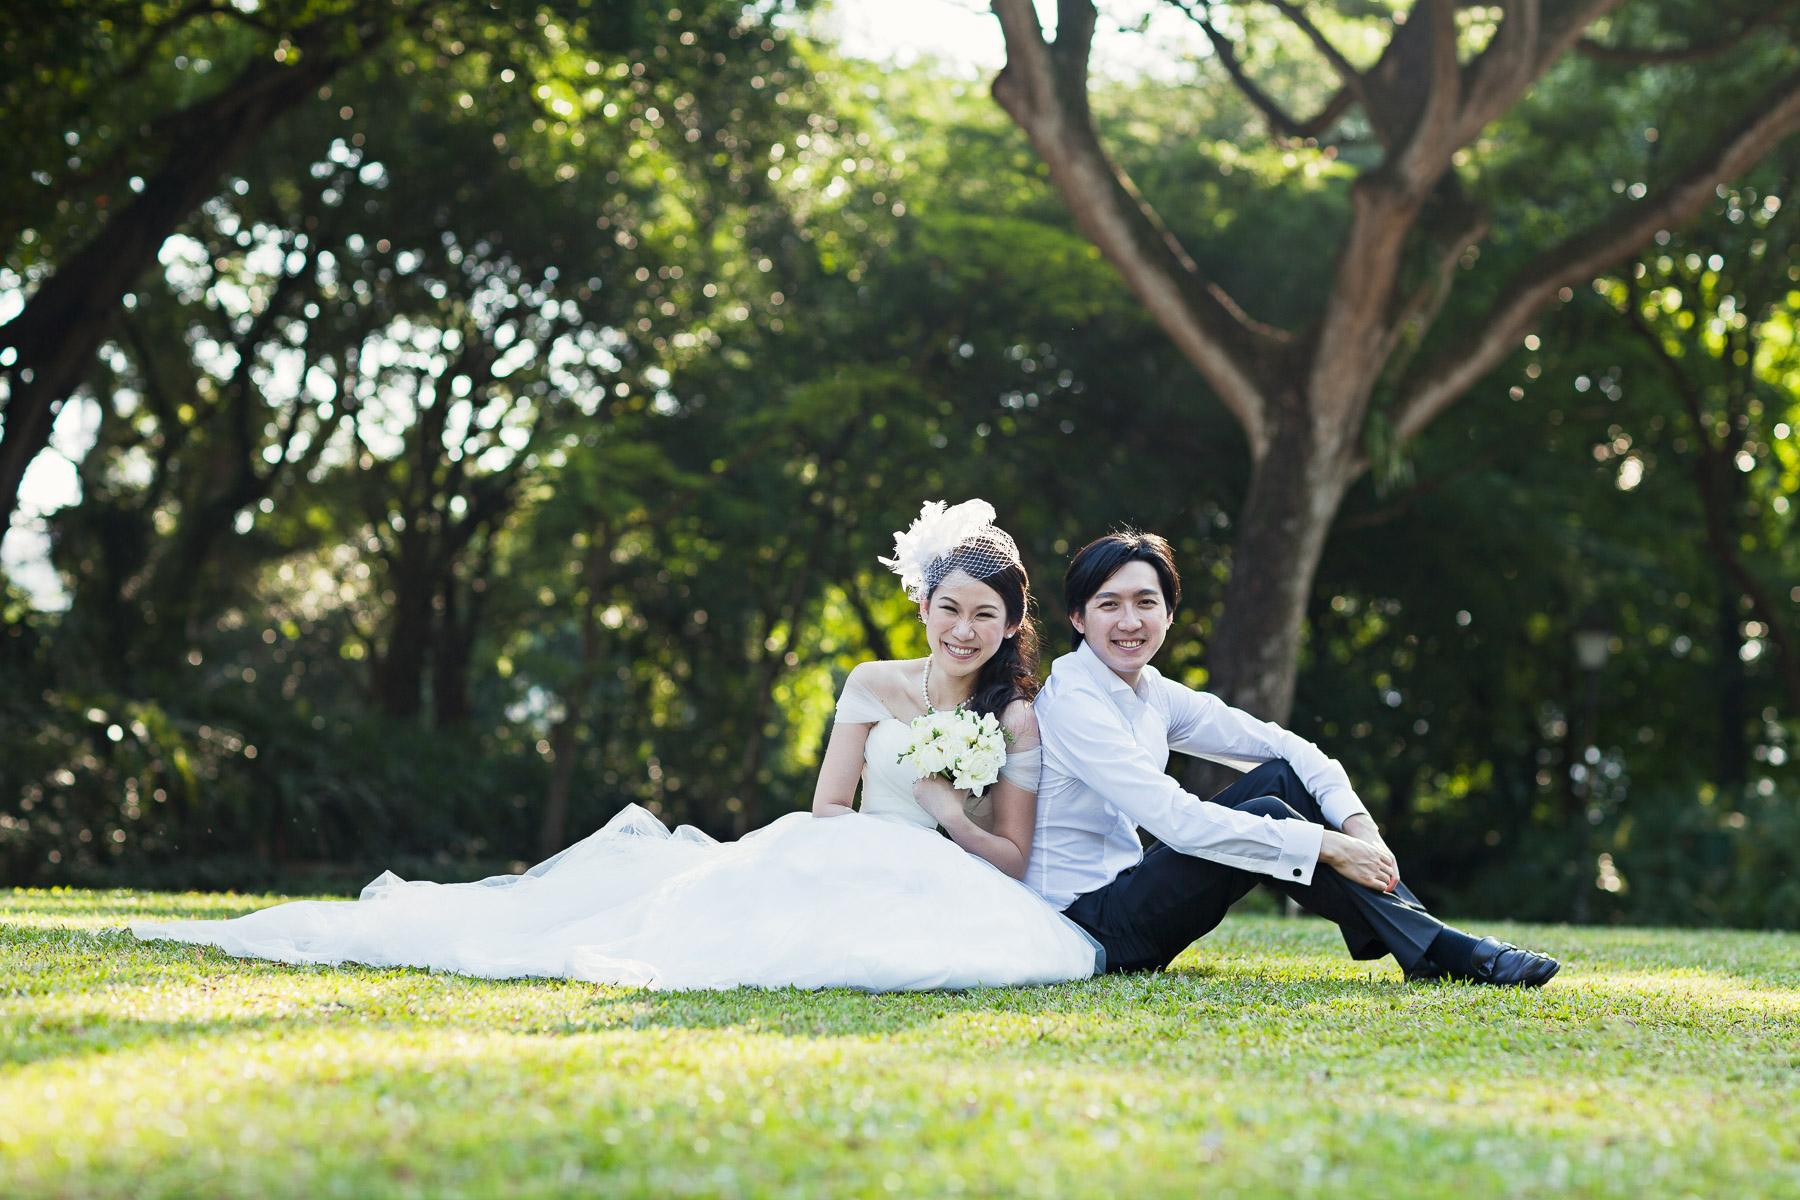 Ting & Ek's Bridal Portraits Singapore 13.jpg